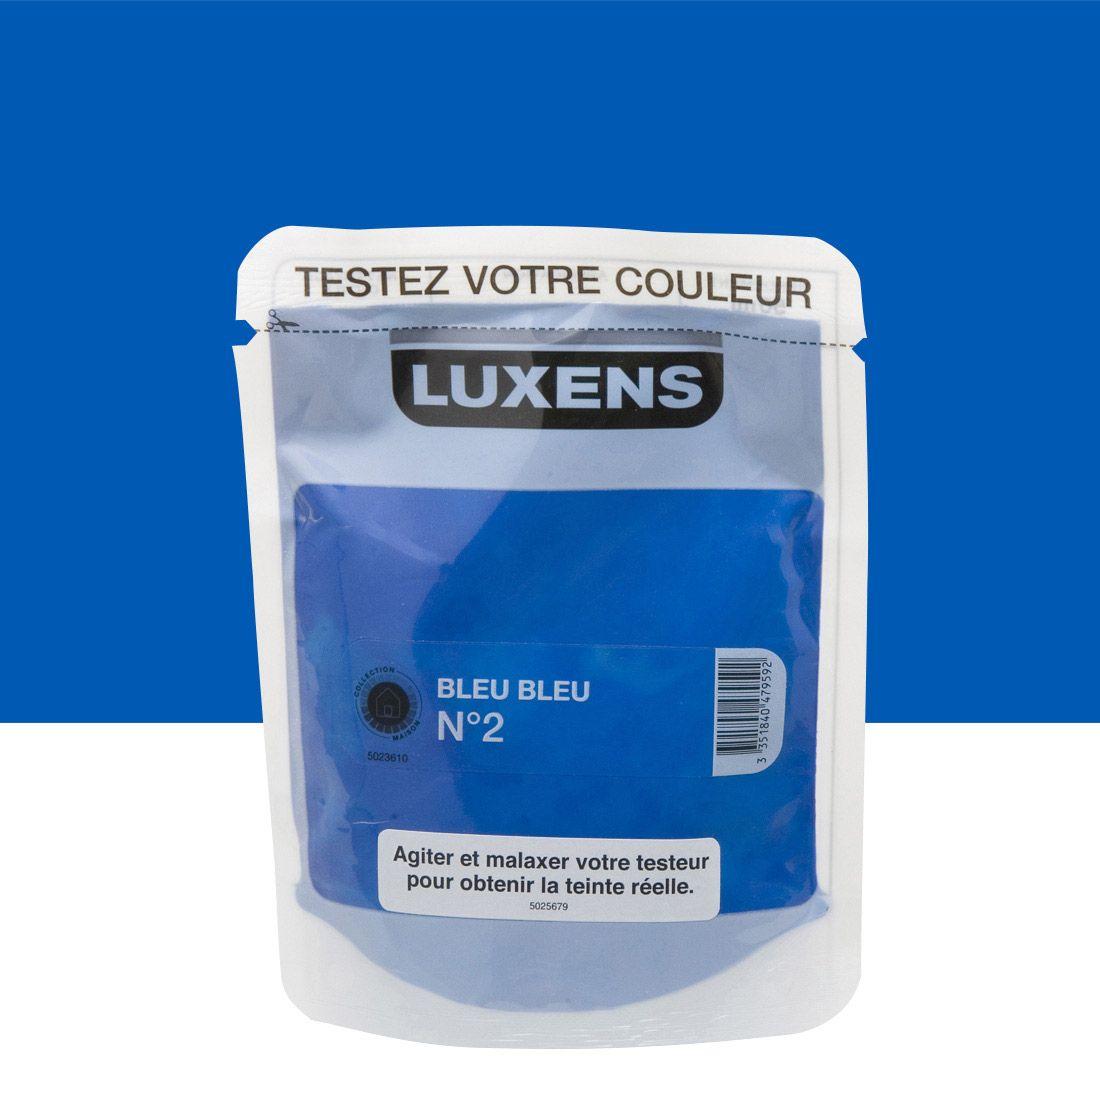 Testeur Peinture Couleurs Intérieures LUXENS, Bleu Bleu N°2 Satin, 0.05L (